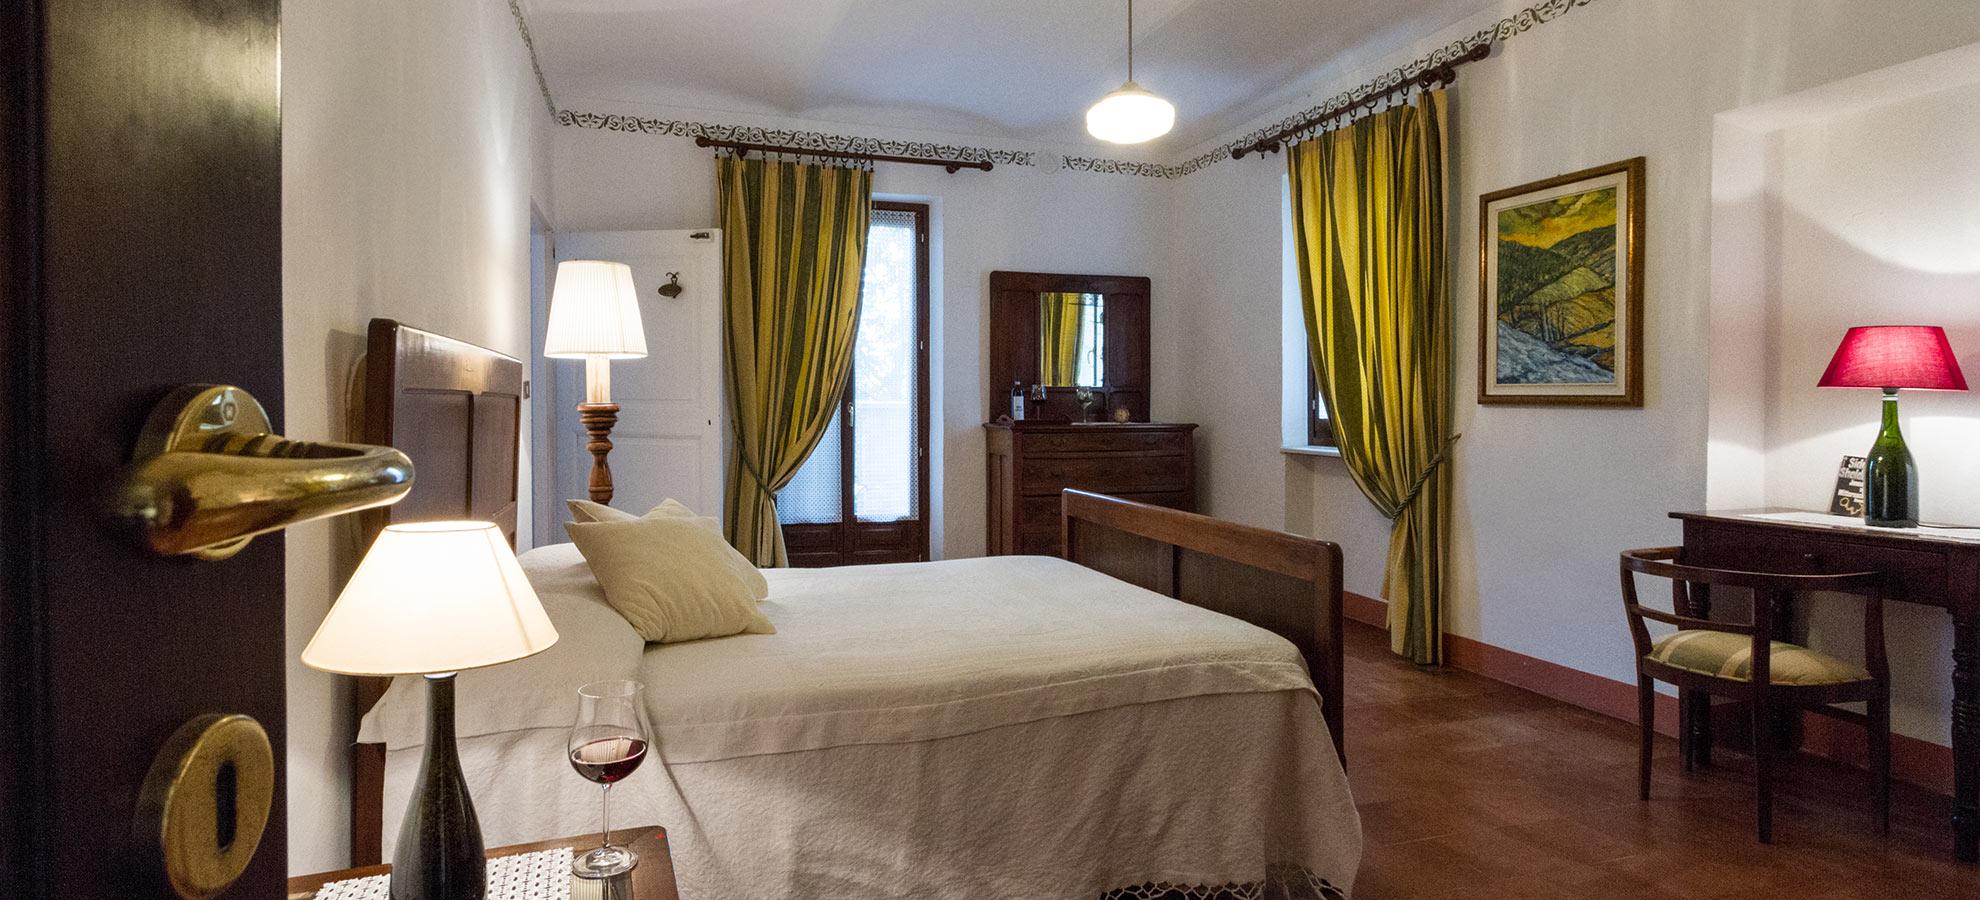 appartamento-camere-antiche-langhe-2